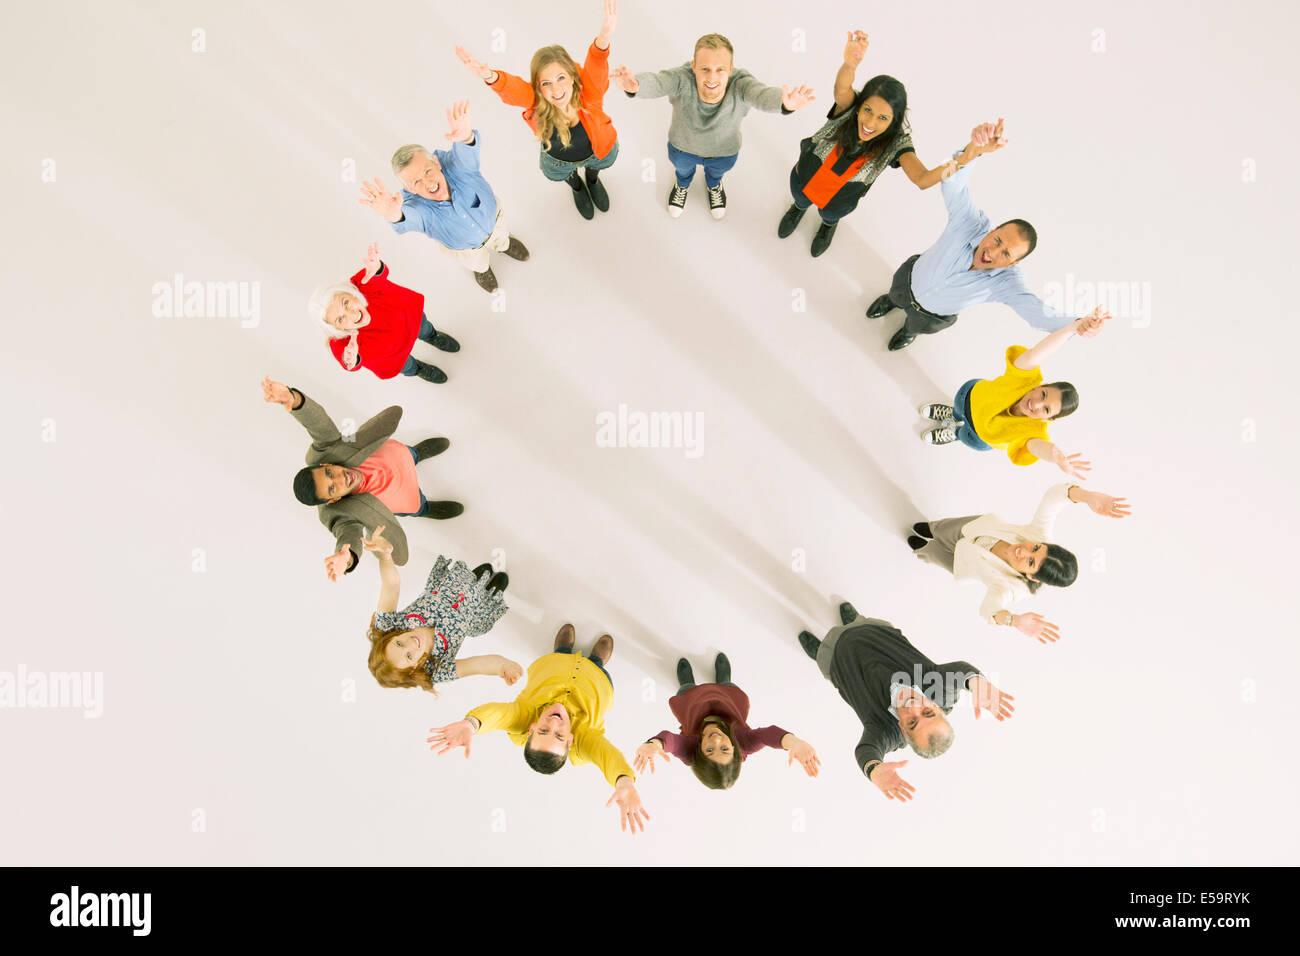 La gente de negocios con los brazos levantados en círculo Imagen De Stock